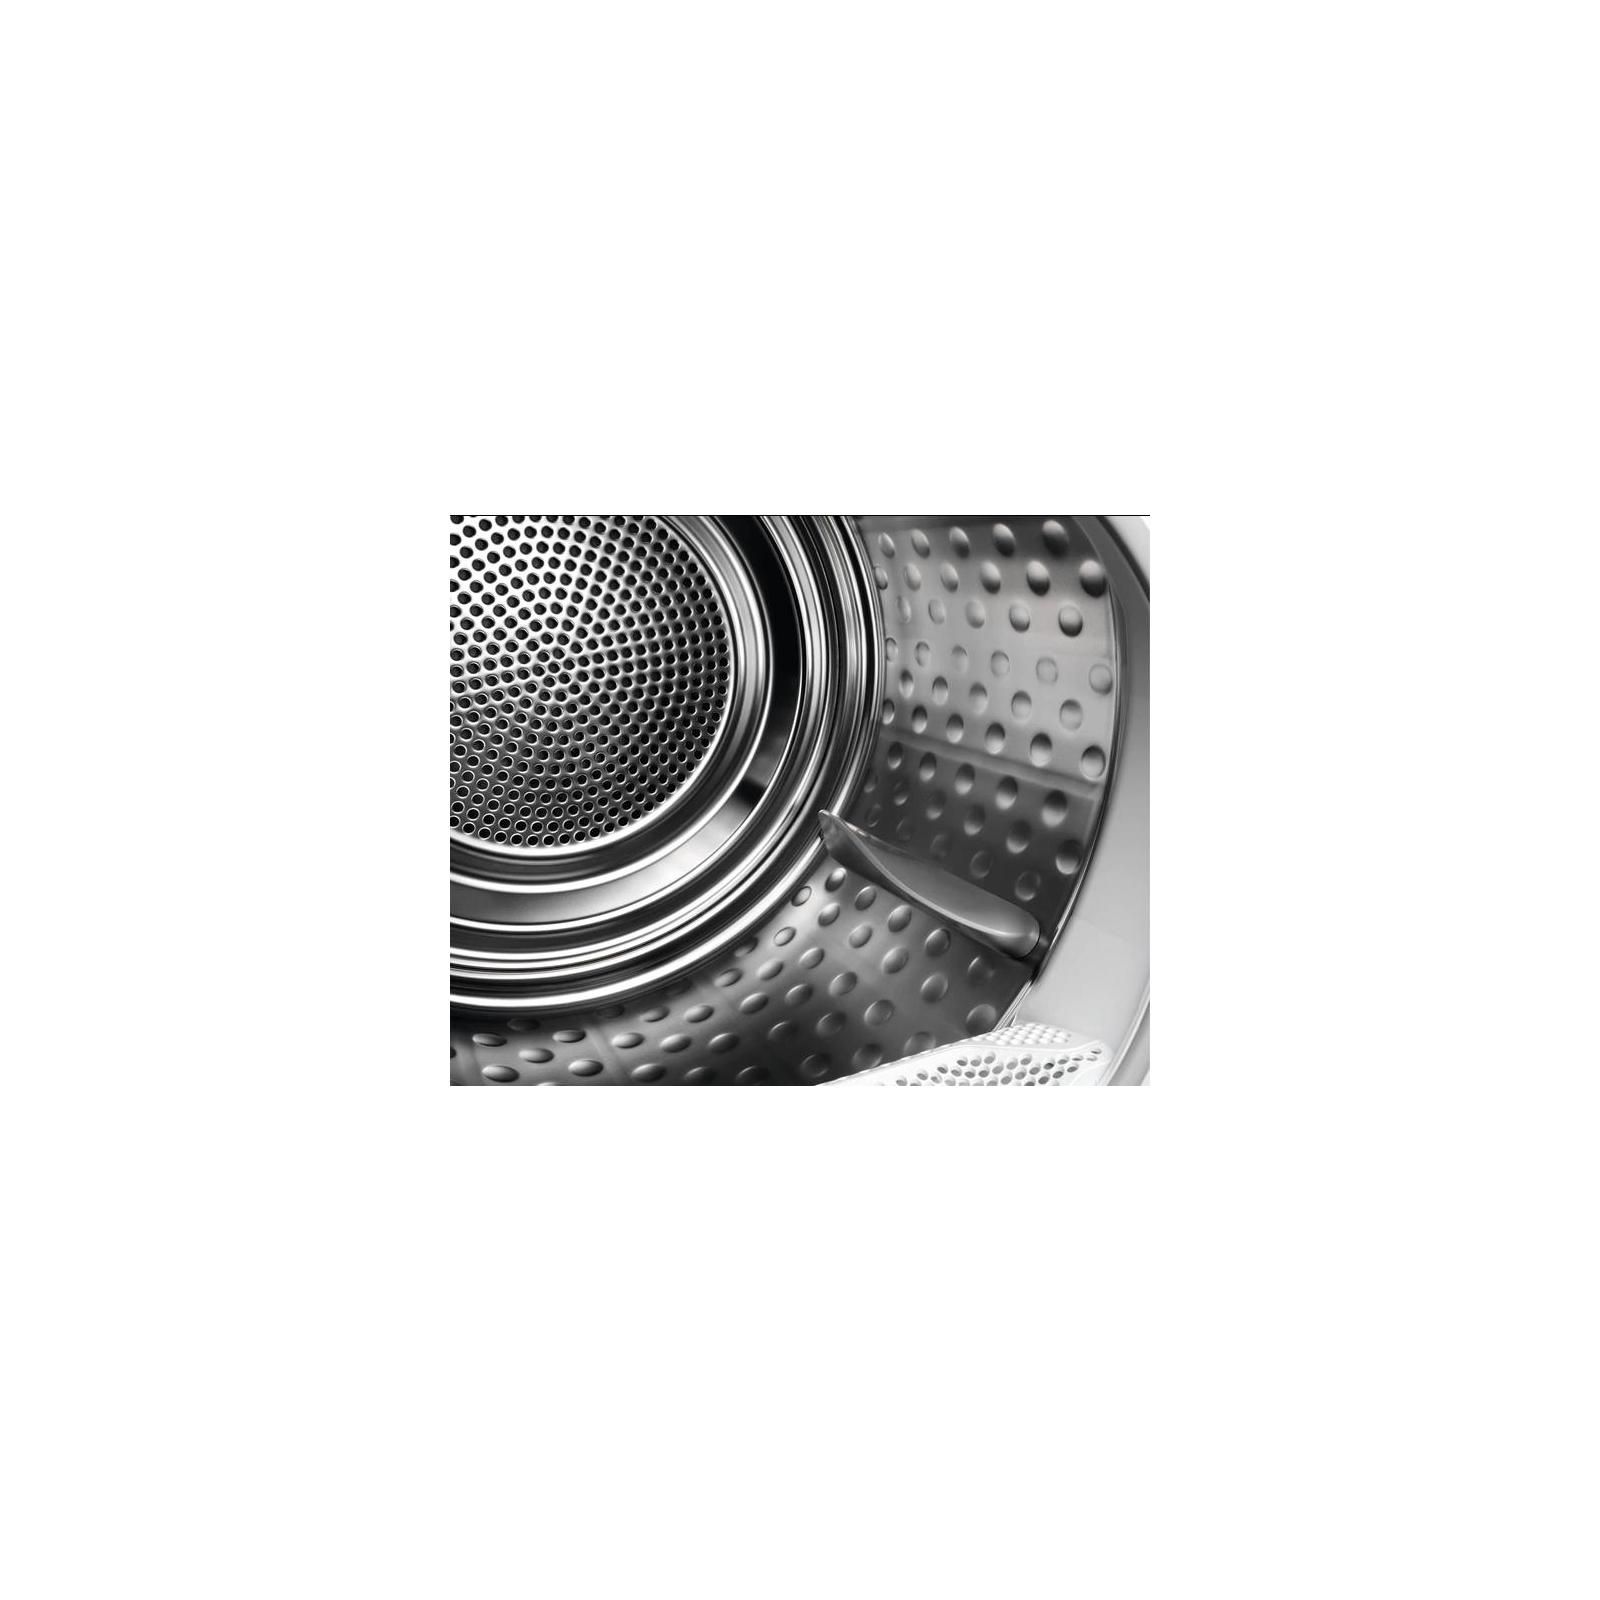 Сушильная машина Electrolux EW8HR458B изображение 4